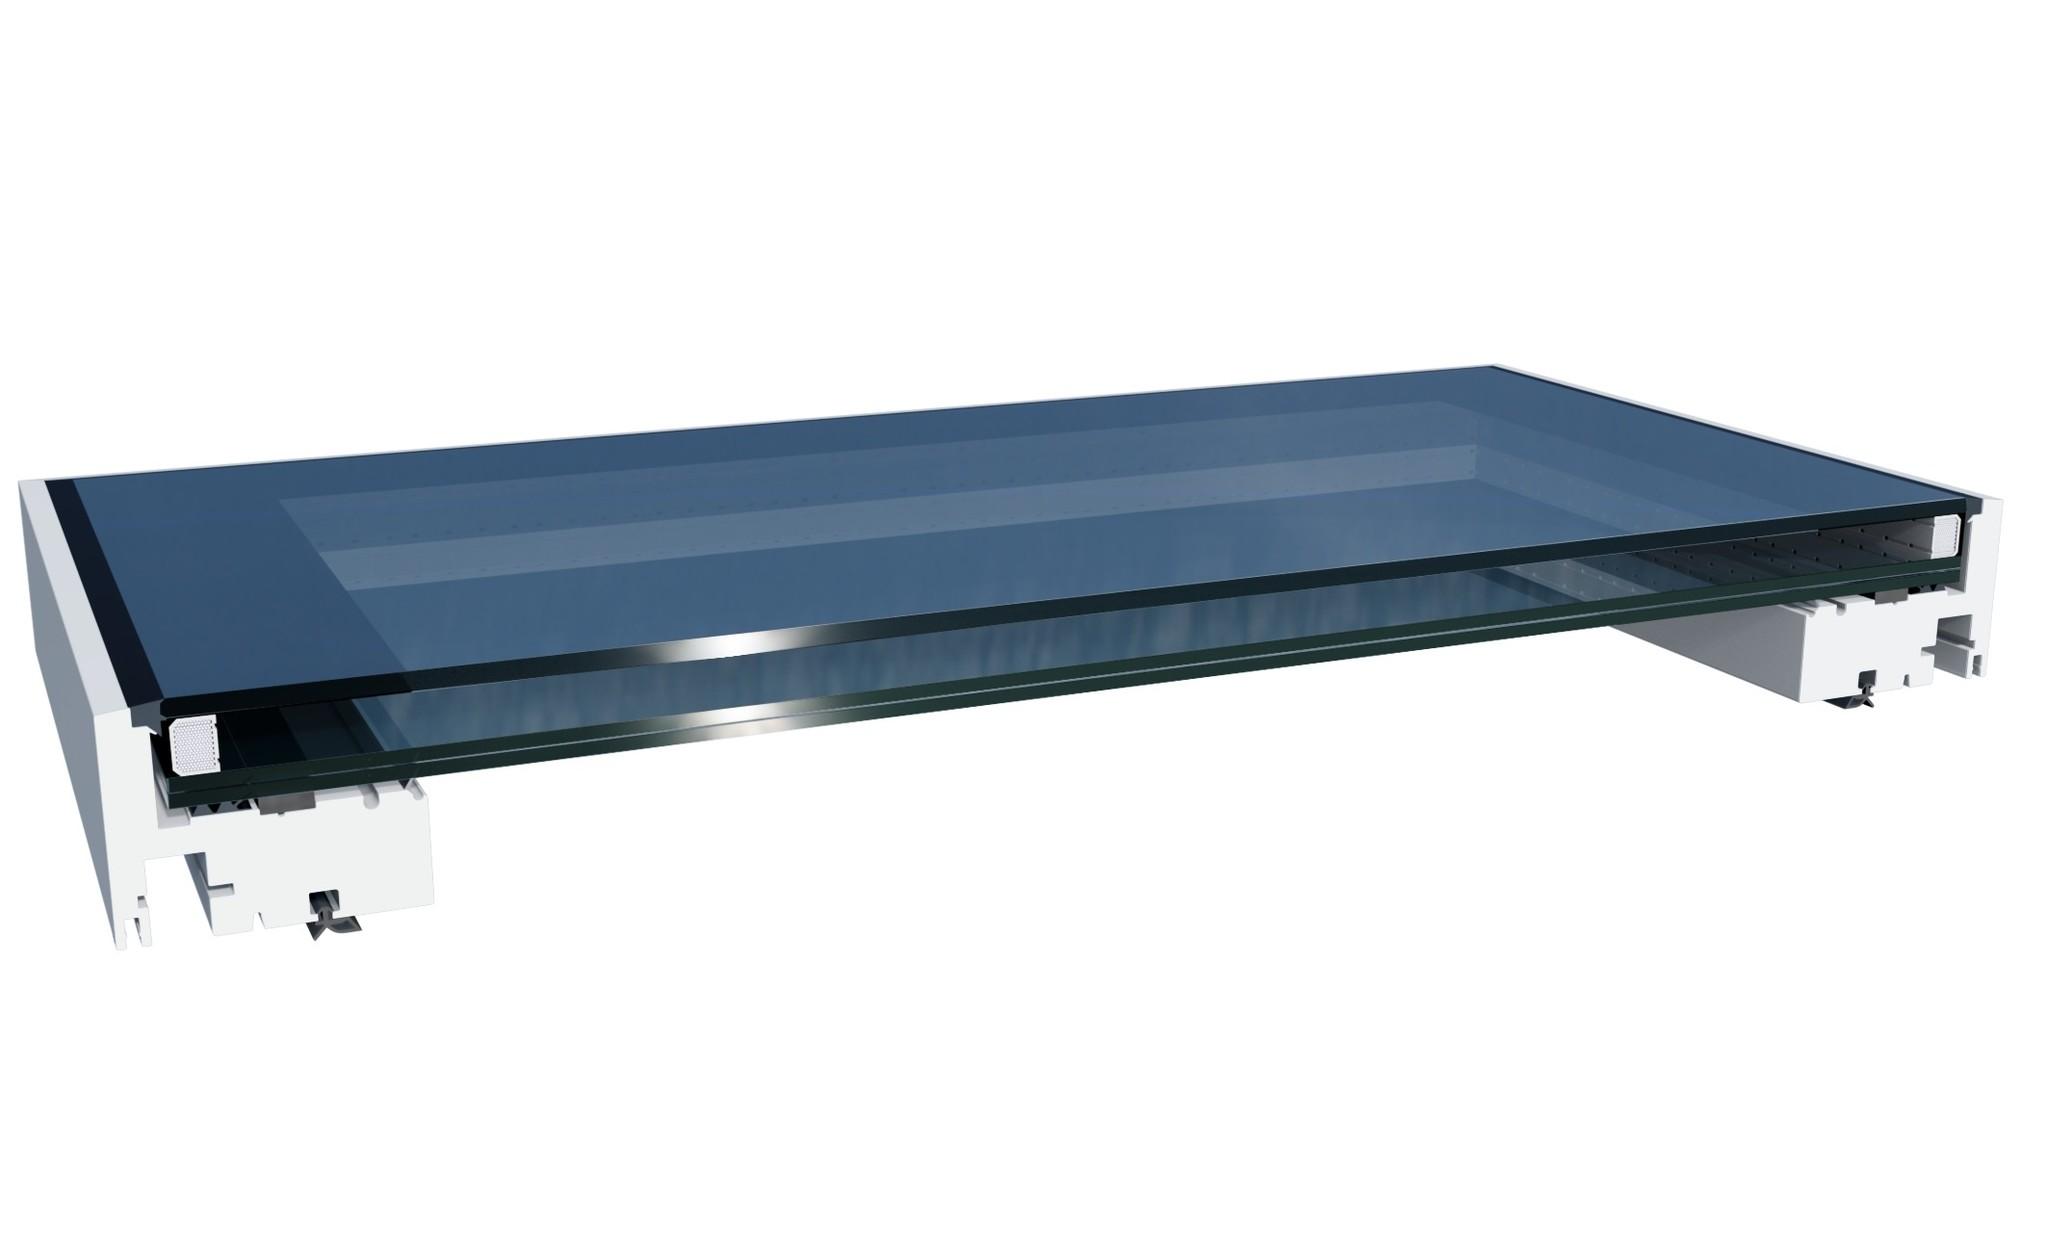 Intura - Lichtkoepel renovatiemodule Intura DGP A1 100x150cm - upgrade oude lichtkoepels